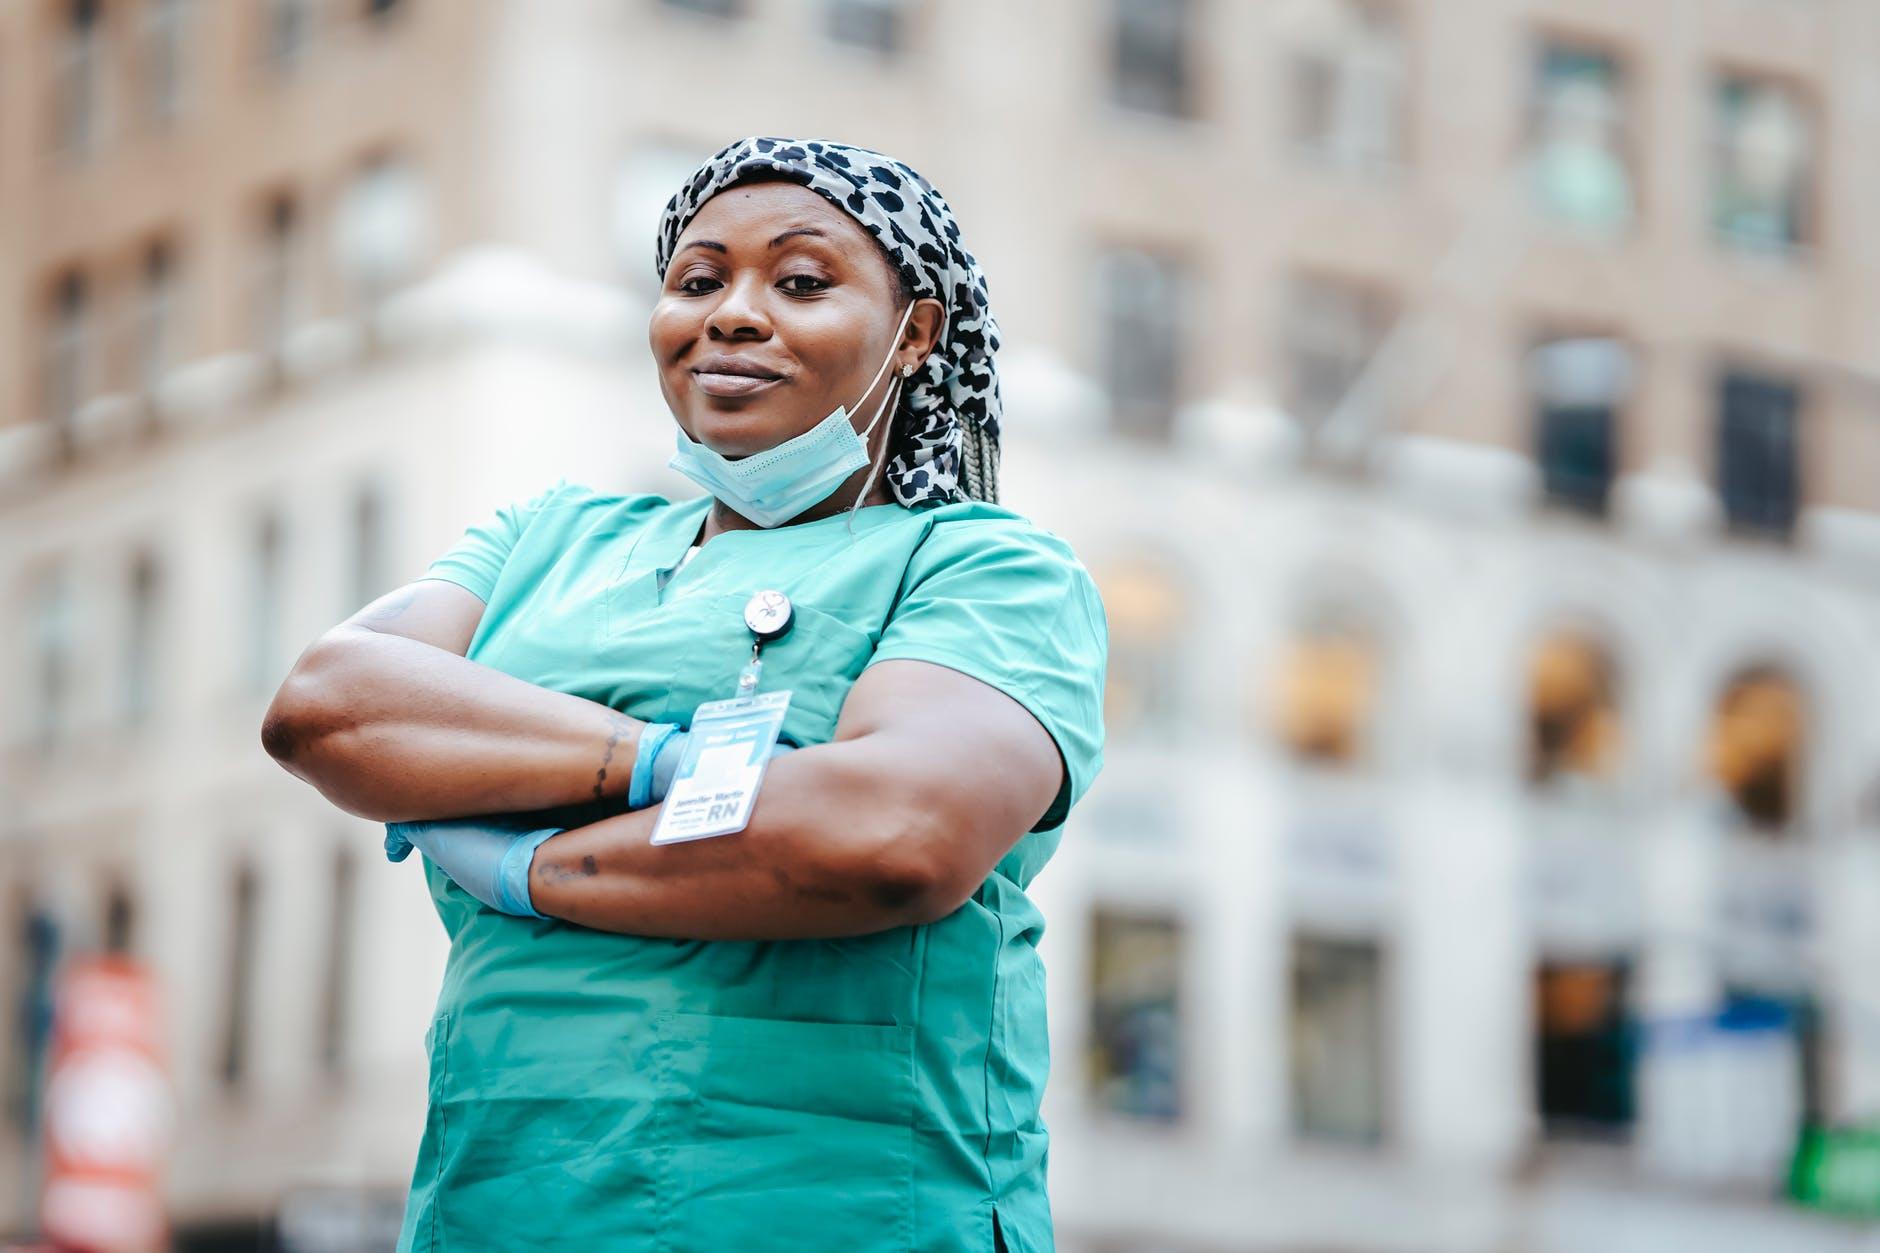 black woman in uniform on street